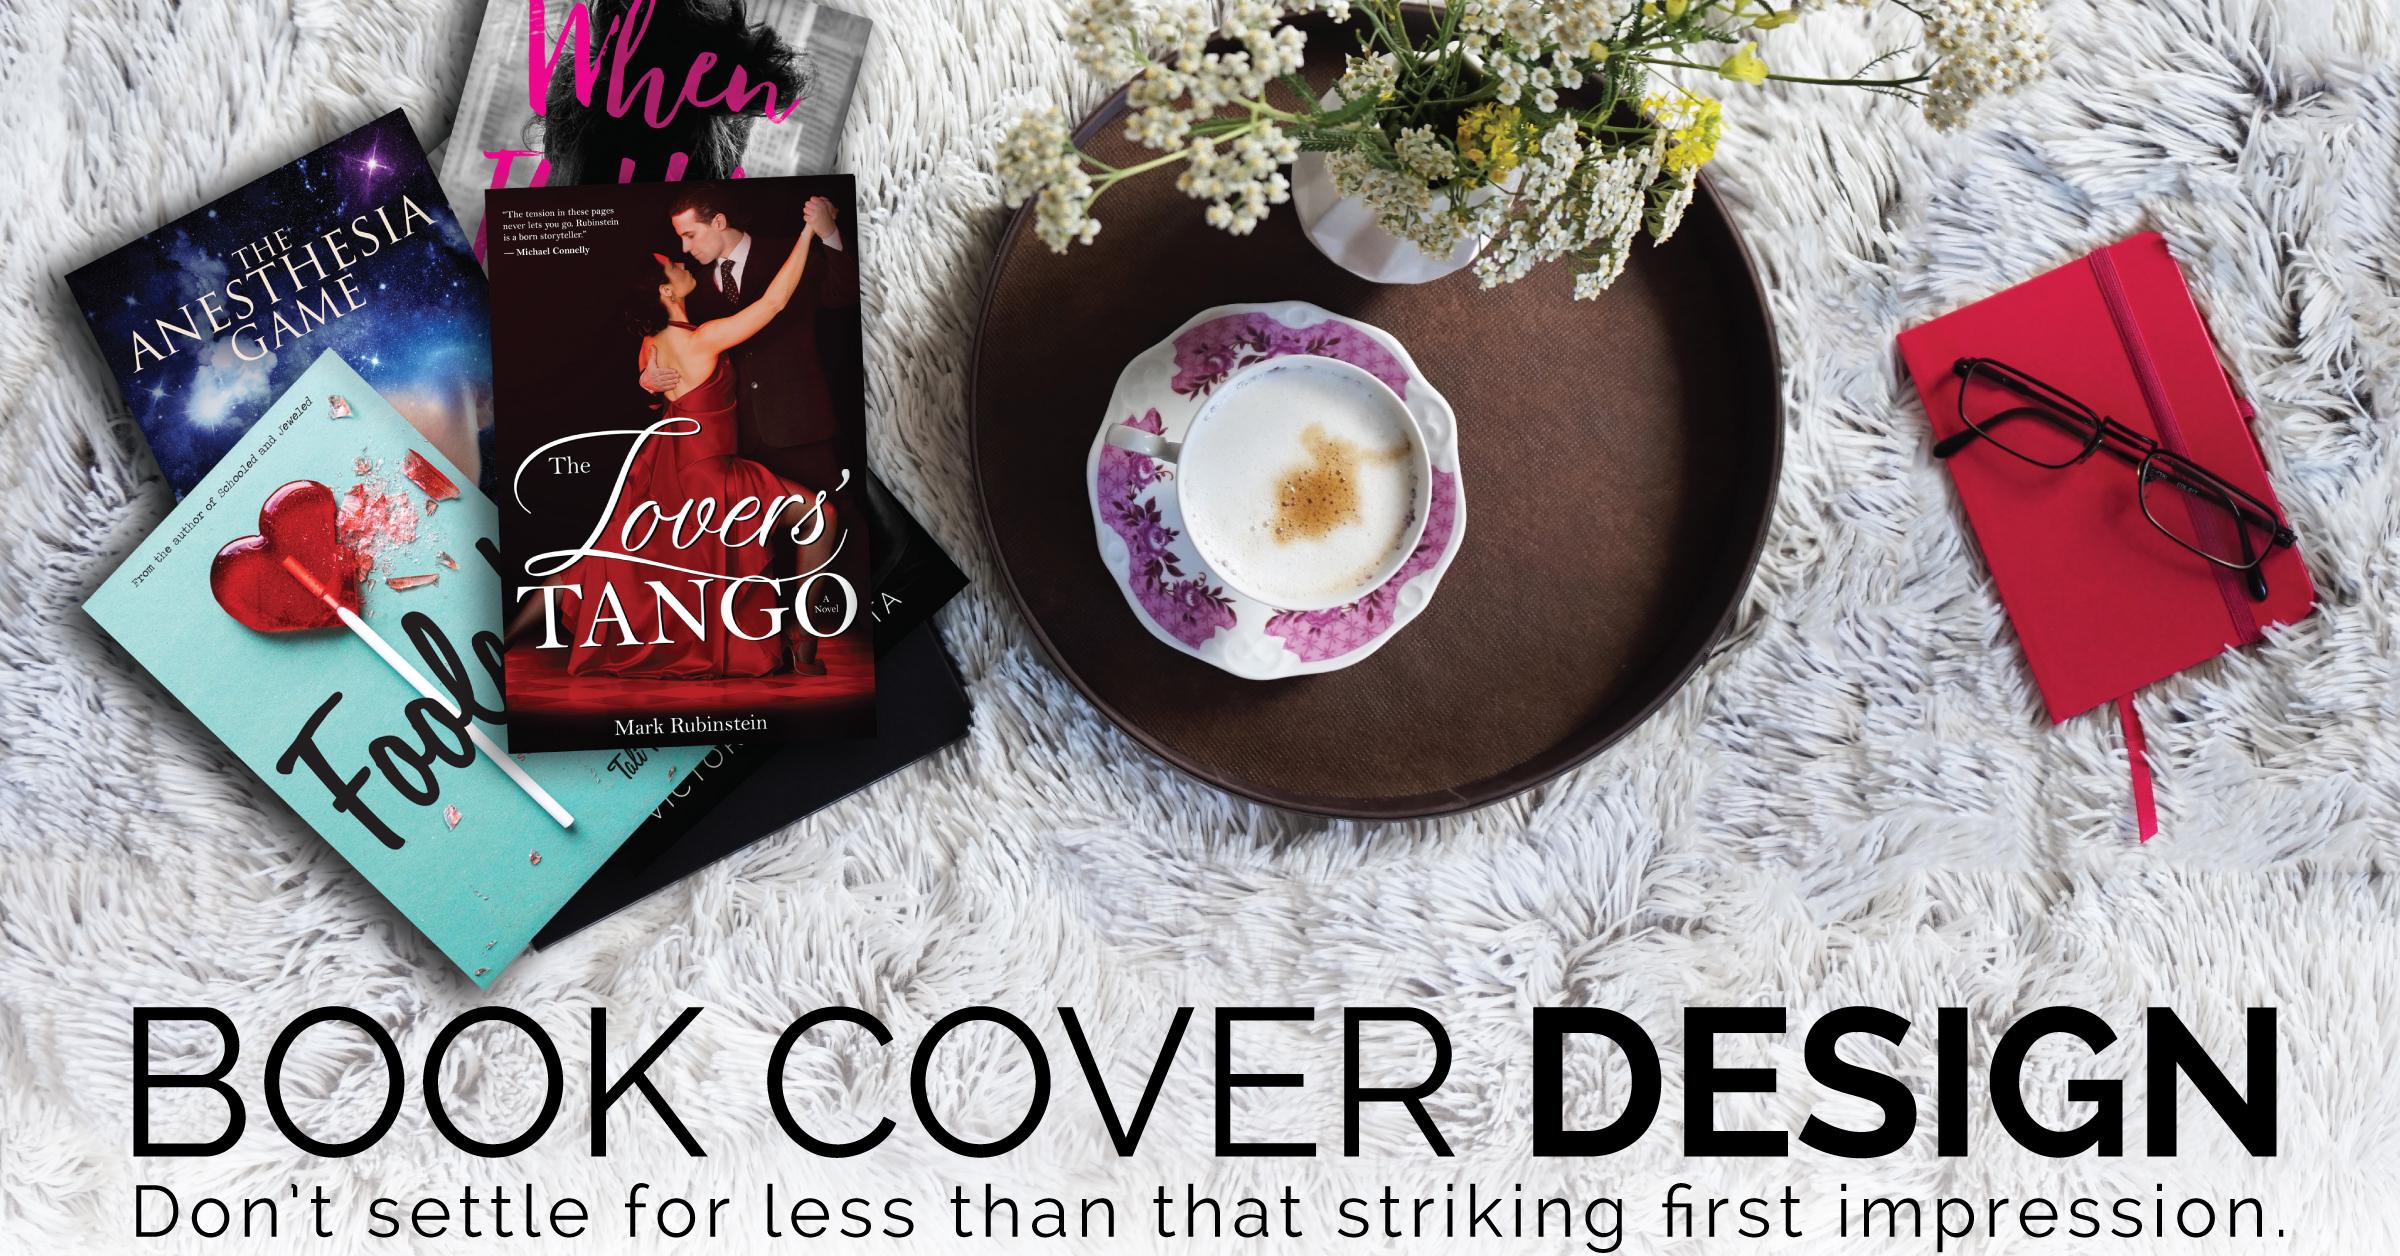 bookcoverdesign_1.jpg